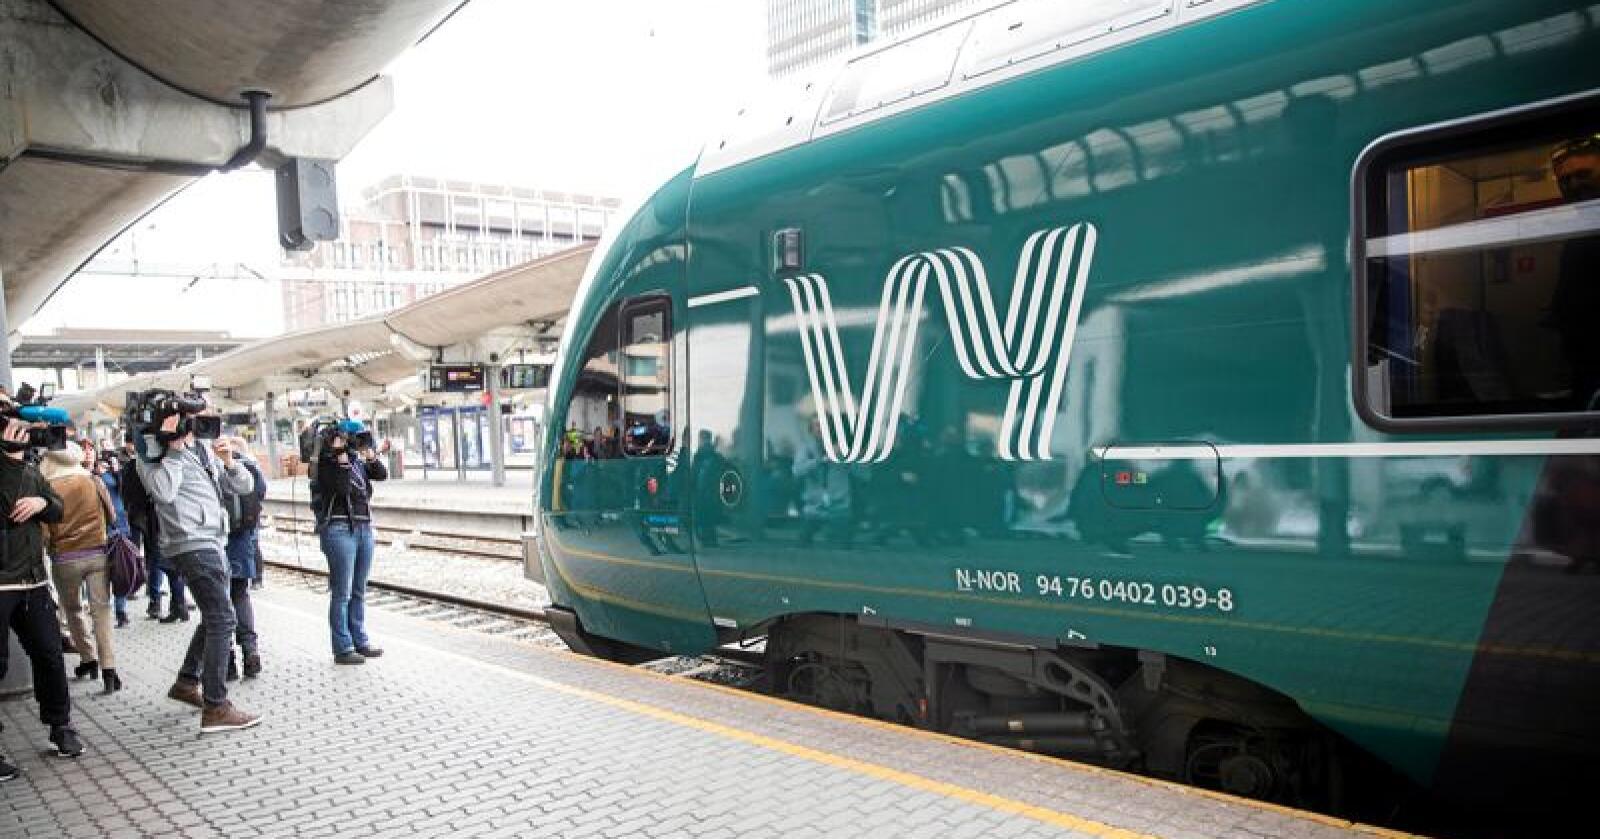 Dyrt: Det er dyrt byggje ut toglinjer. Foto: Berit Roald / NTB scanpix